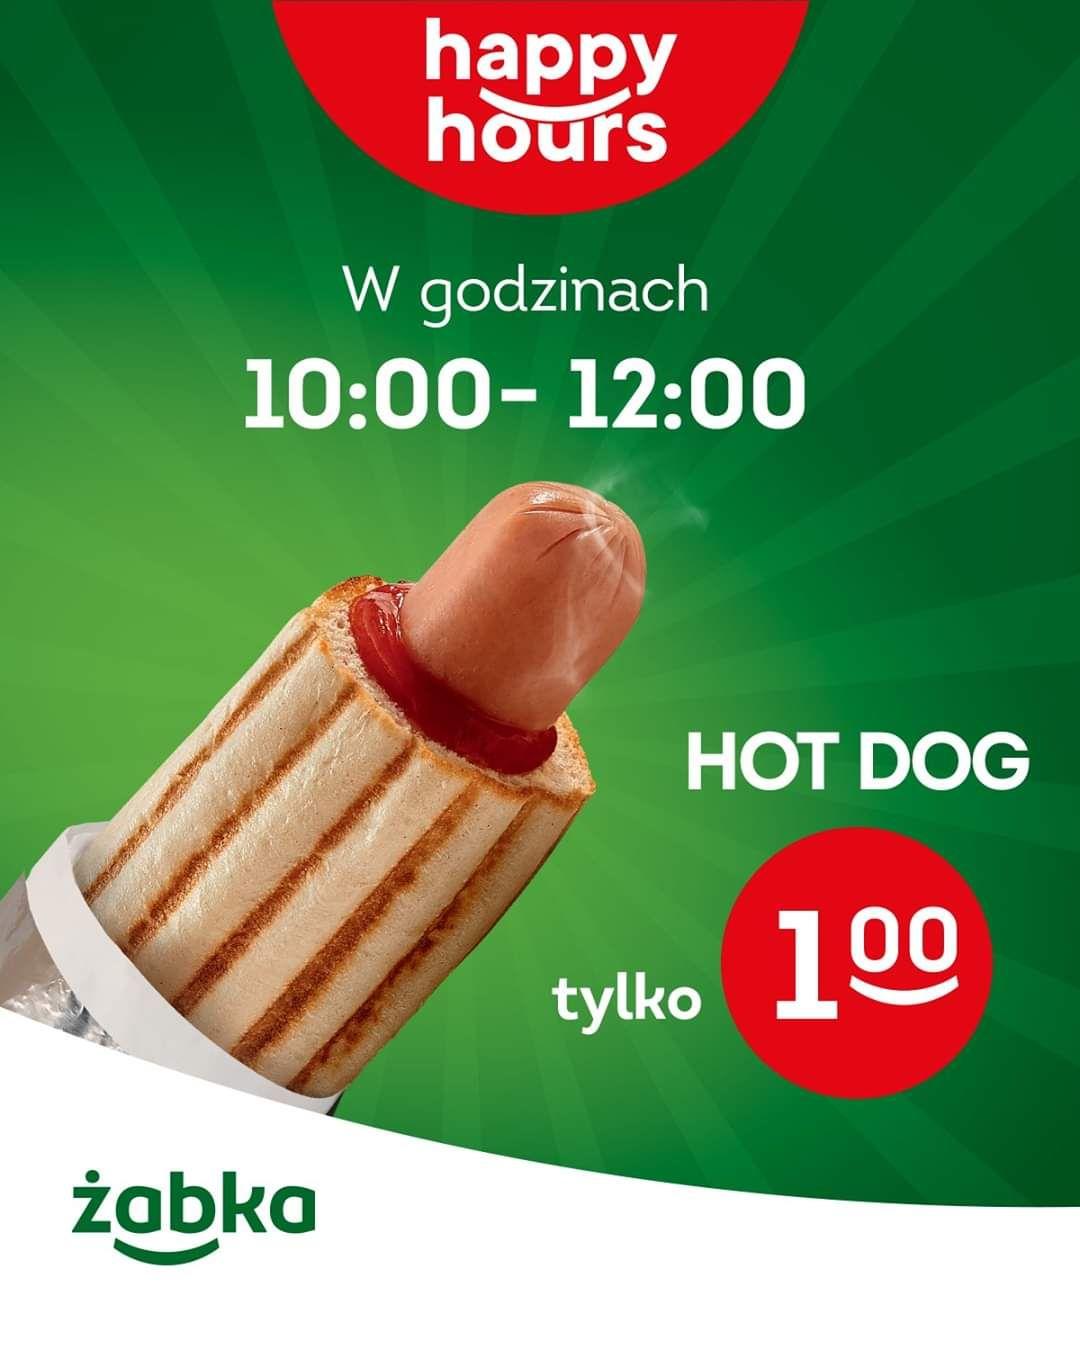 Hot dog w żabce za 1zł! Promocja w godzinach 10:00-12:00 Żabka